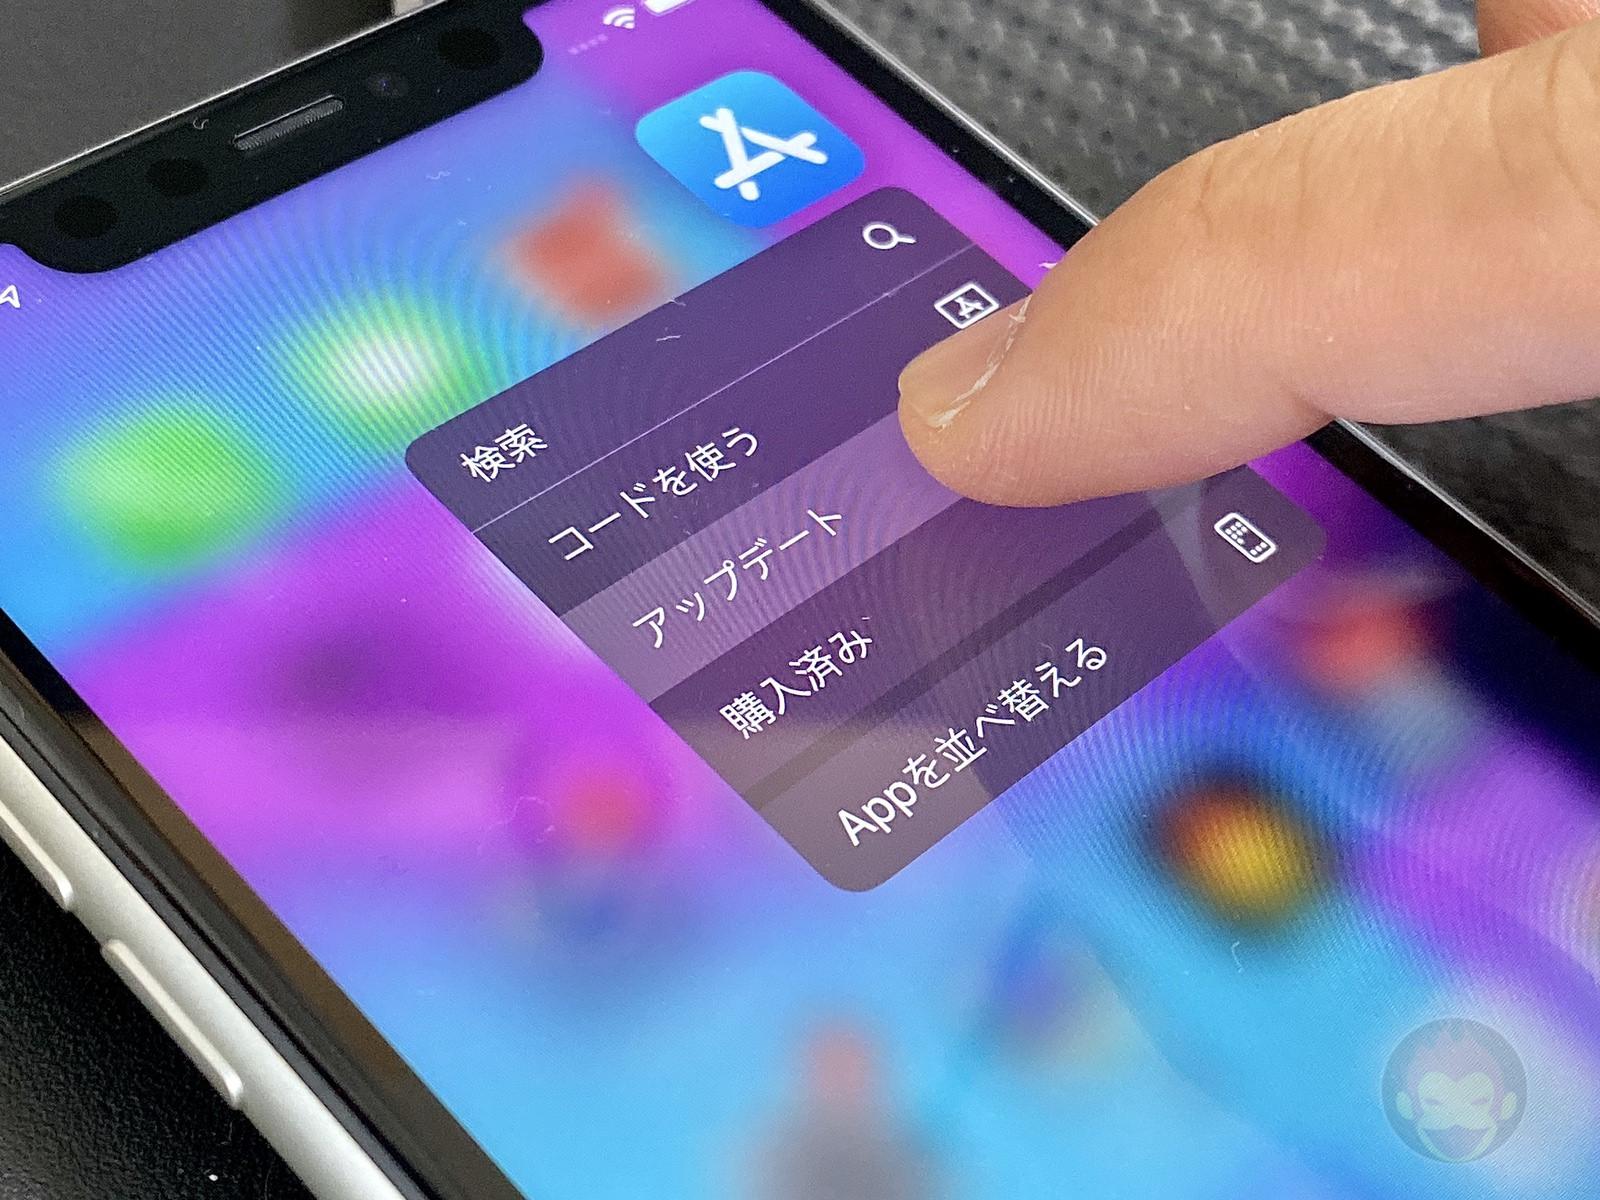 App-Store-App-Updates-on-iOS13-Home-01.jpg